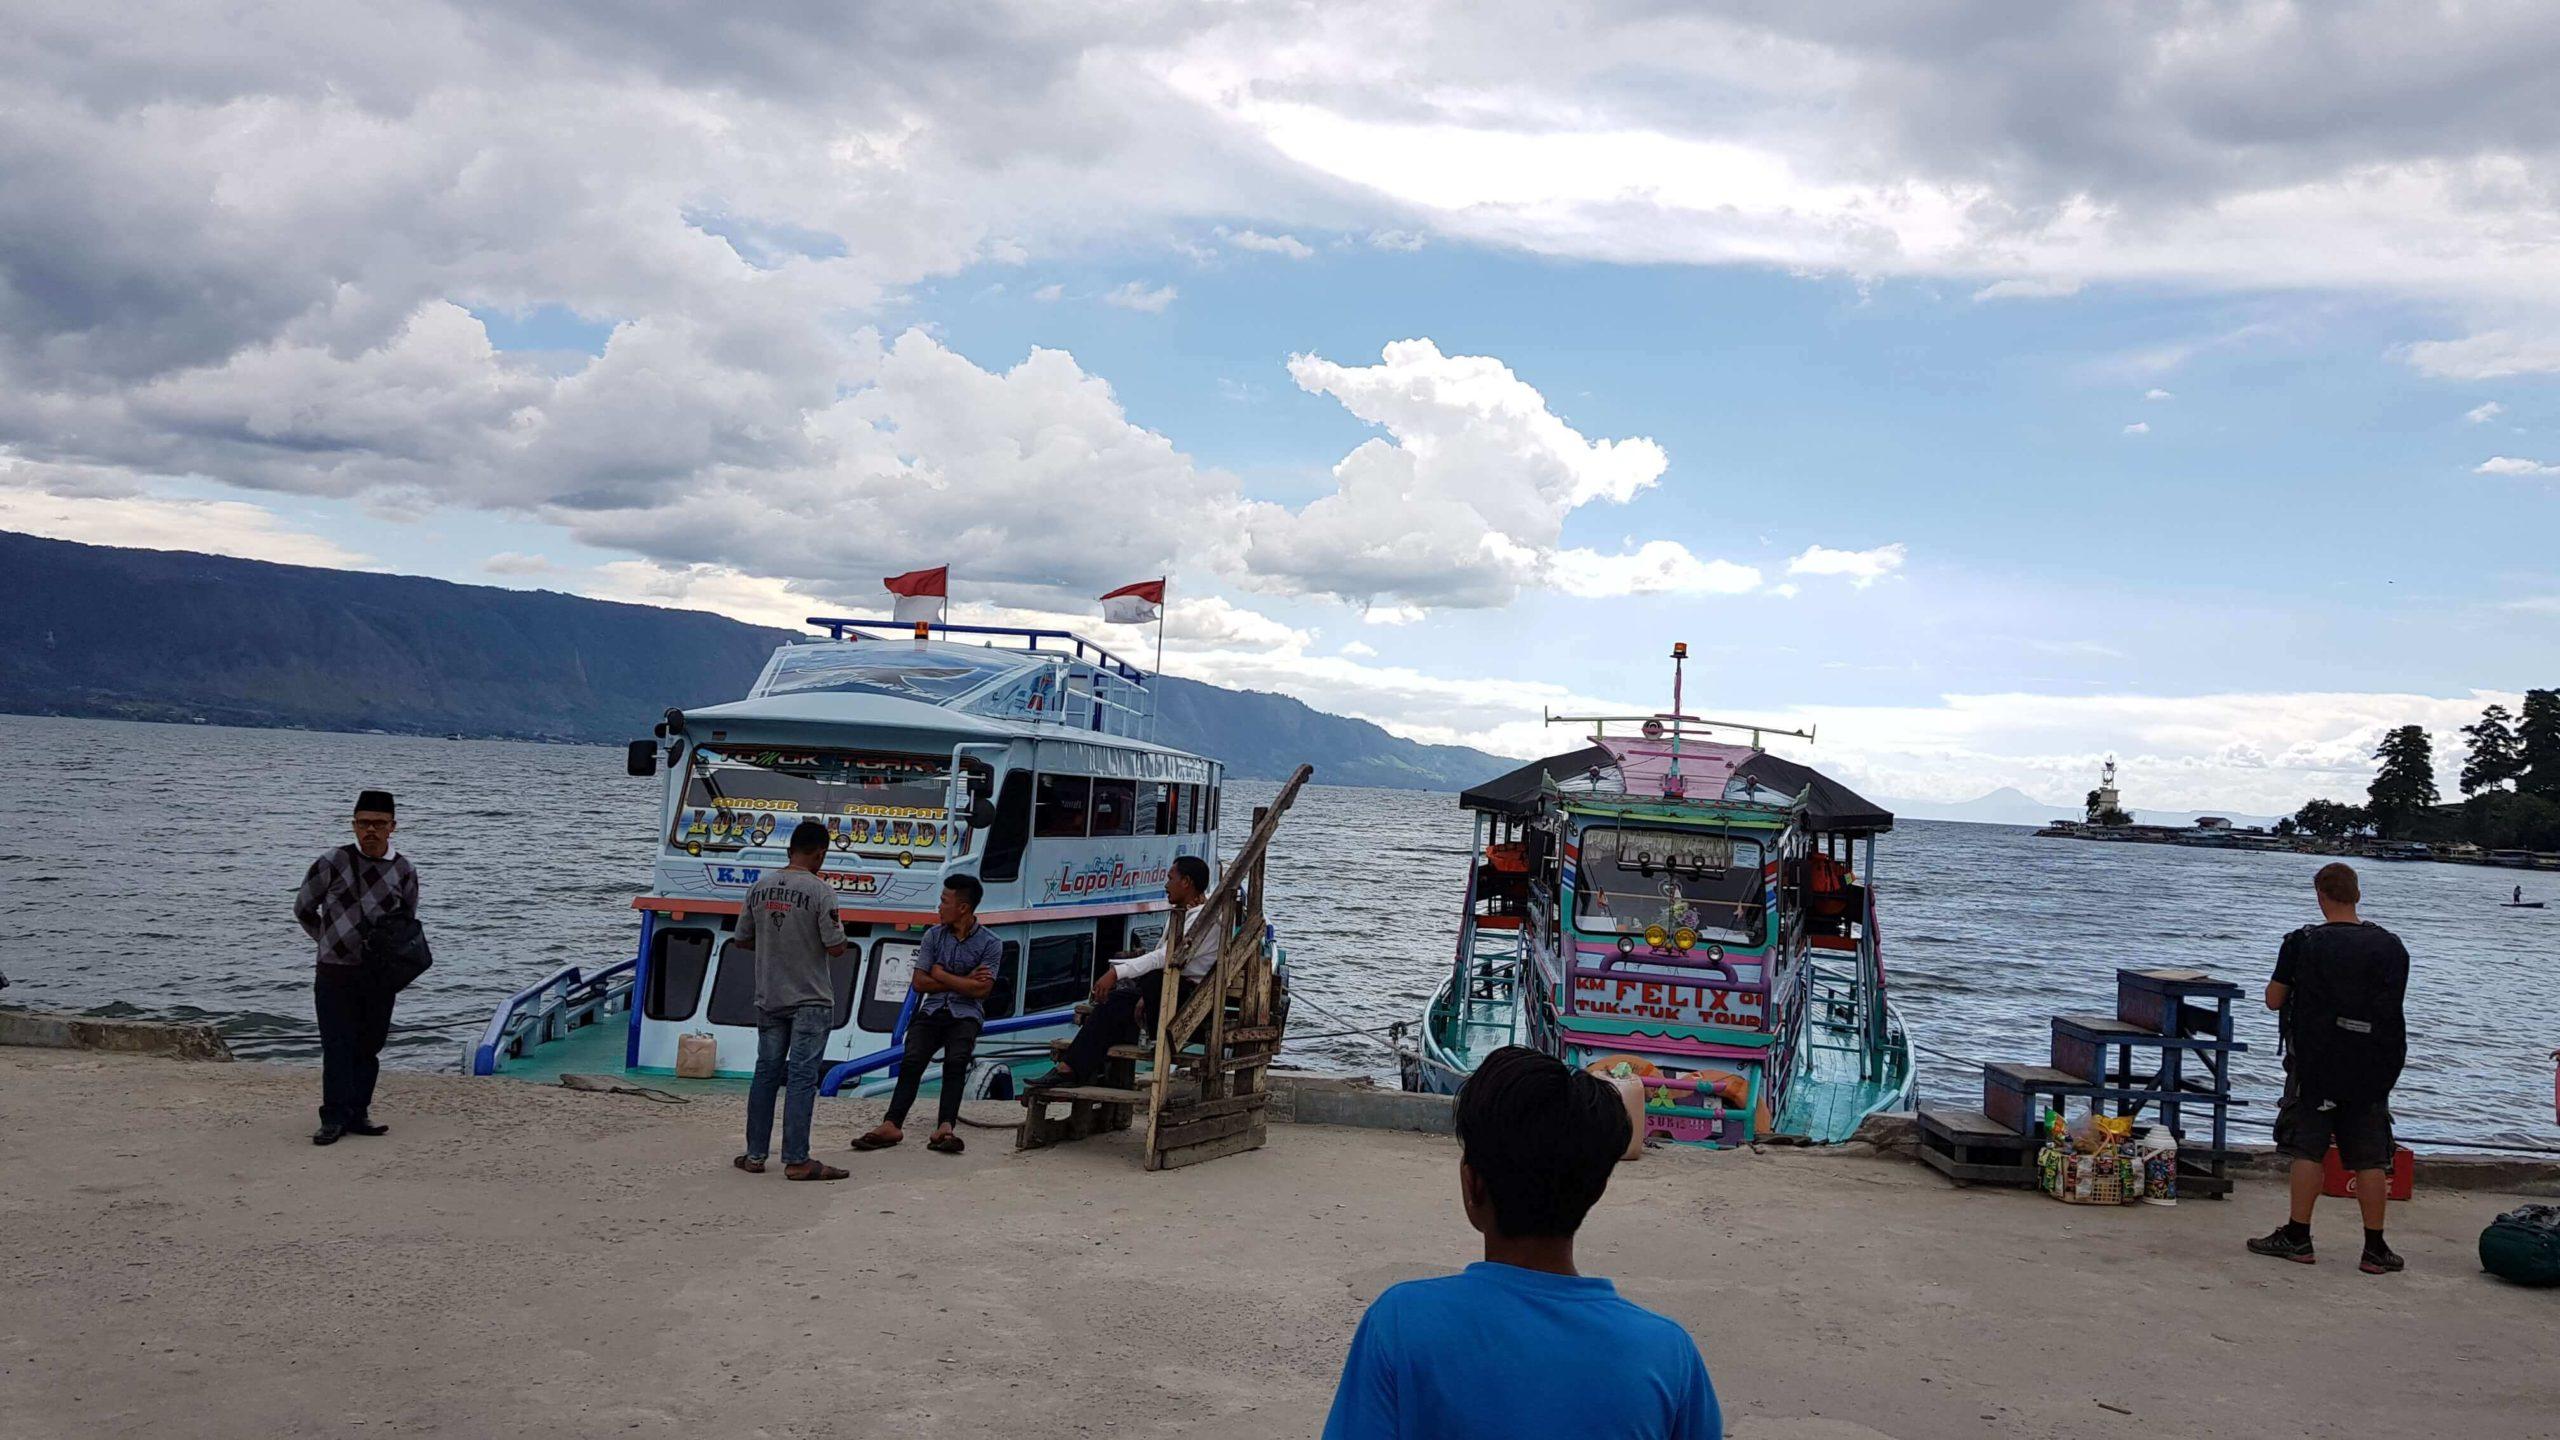 Anreise zur Insel Samosir